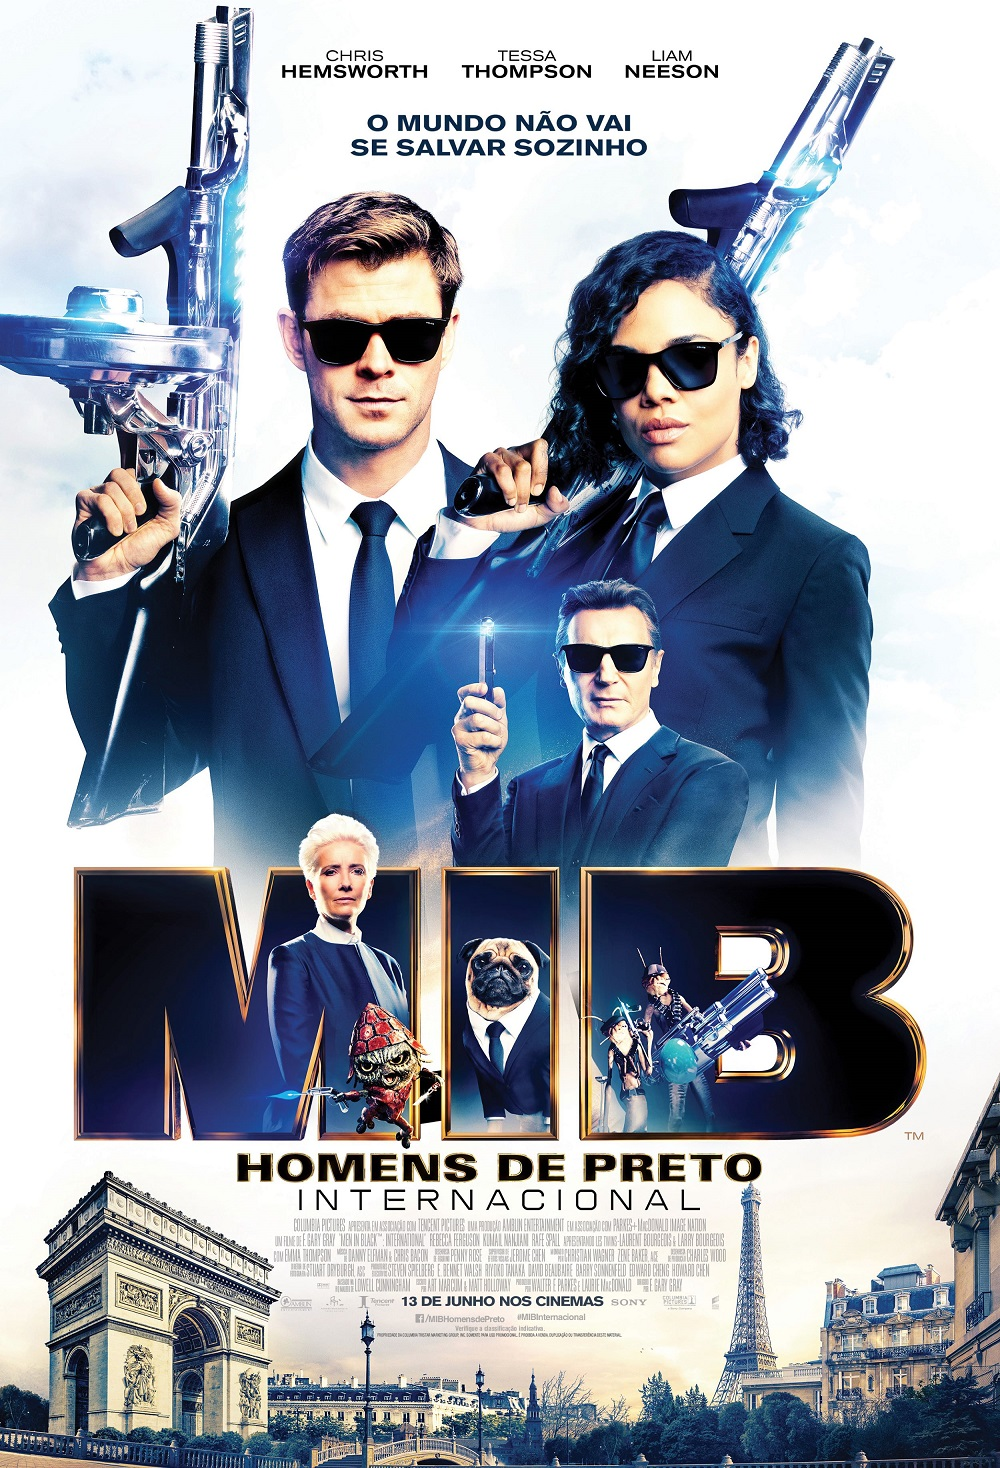 Homens de Preto MIB Internacional Sony Pictures